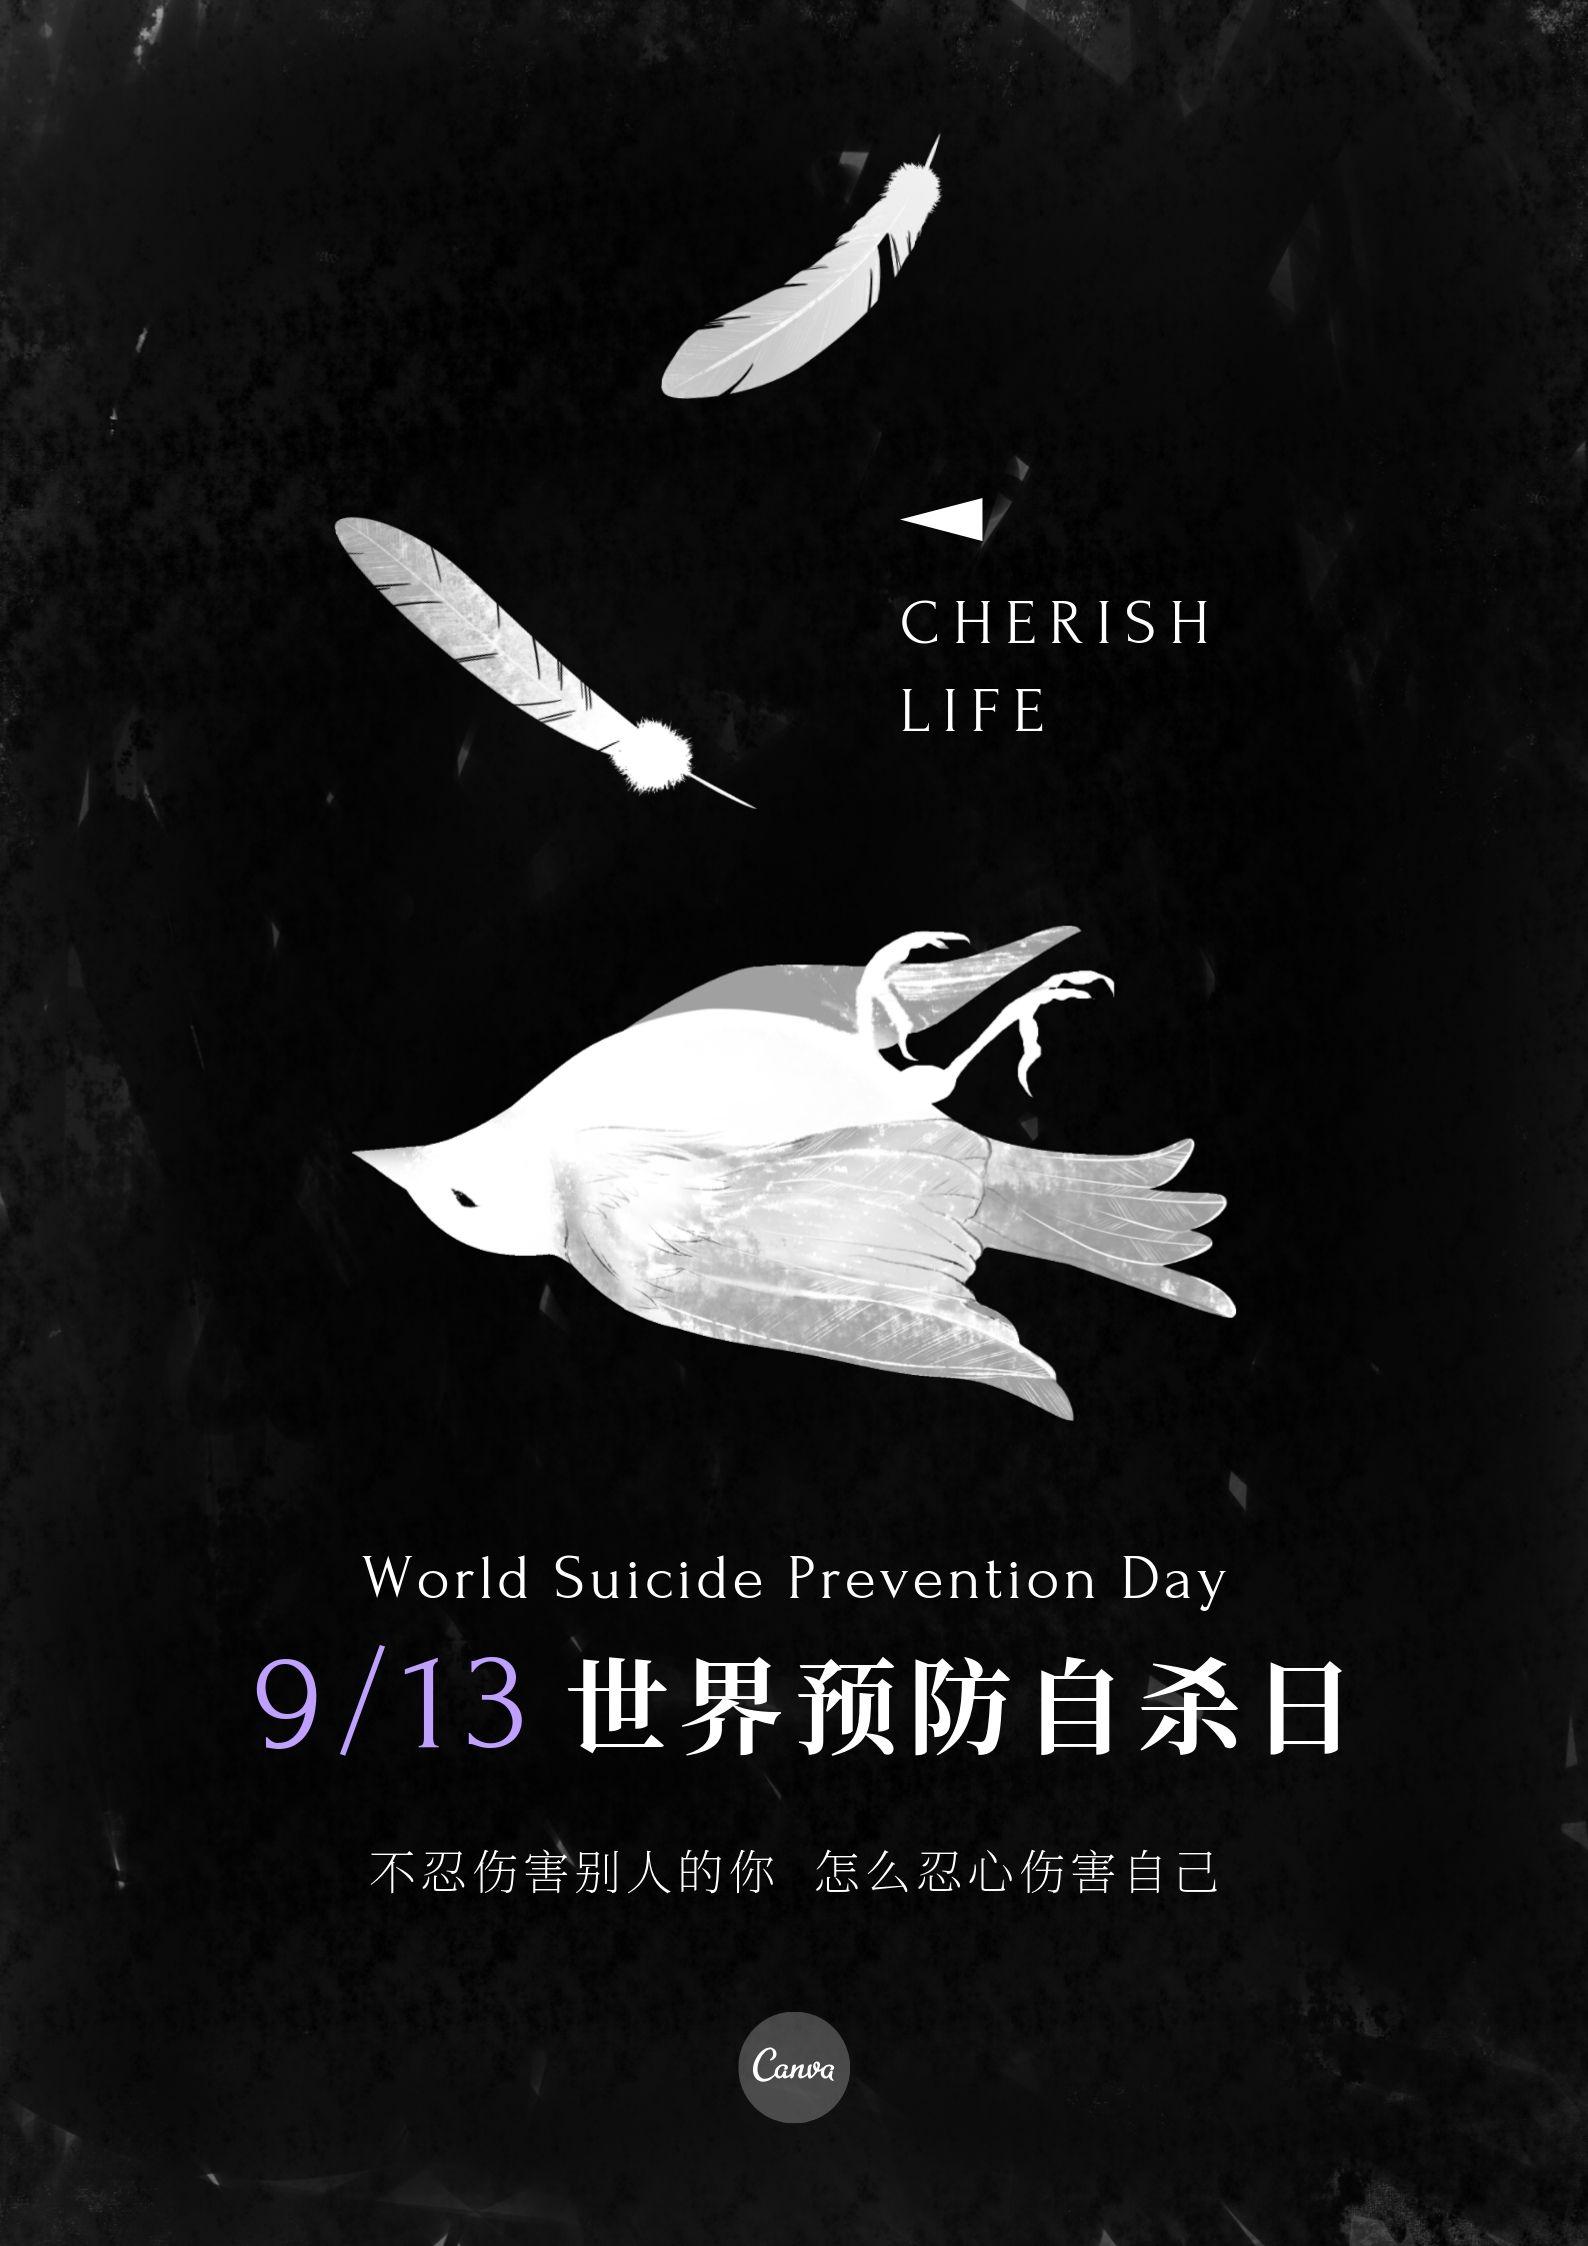 世界预防自杀日